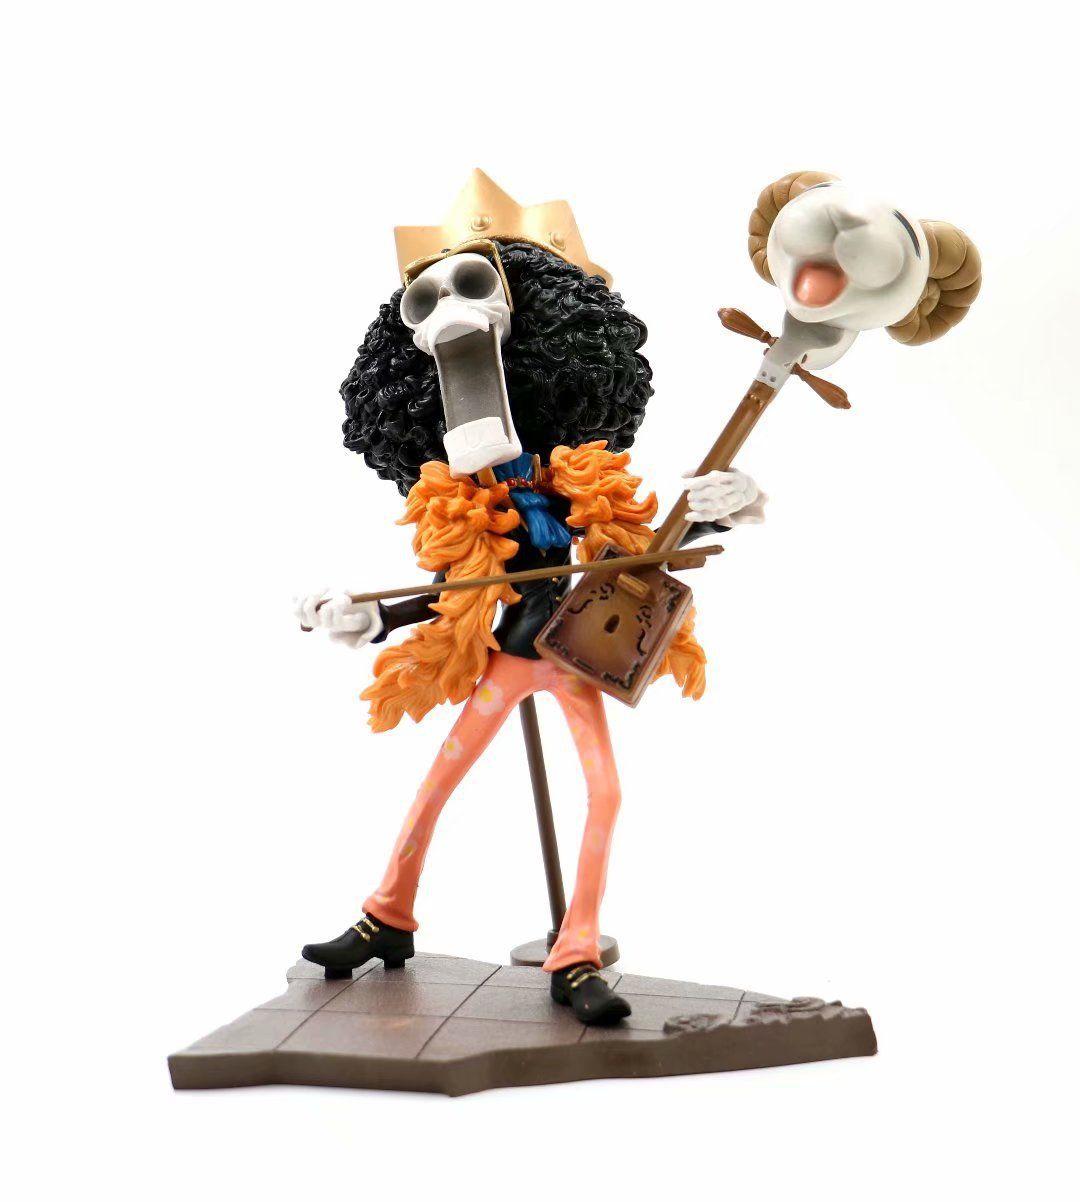 Einteilige Animationsfigur Der Piratenbach Frühlingsfest Drachentanzfigur 25cm